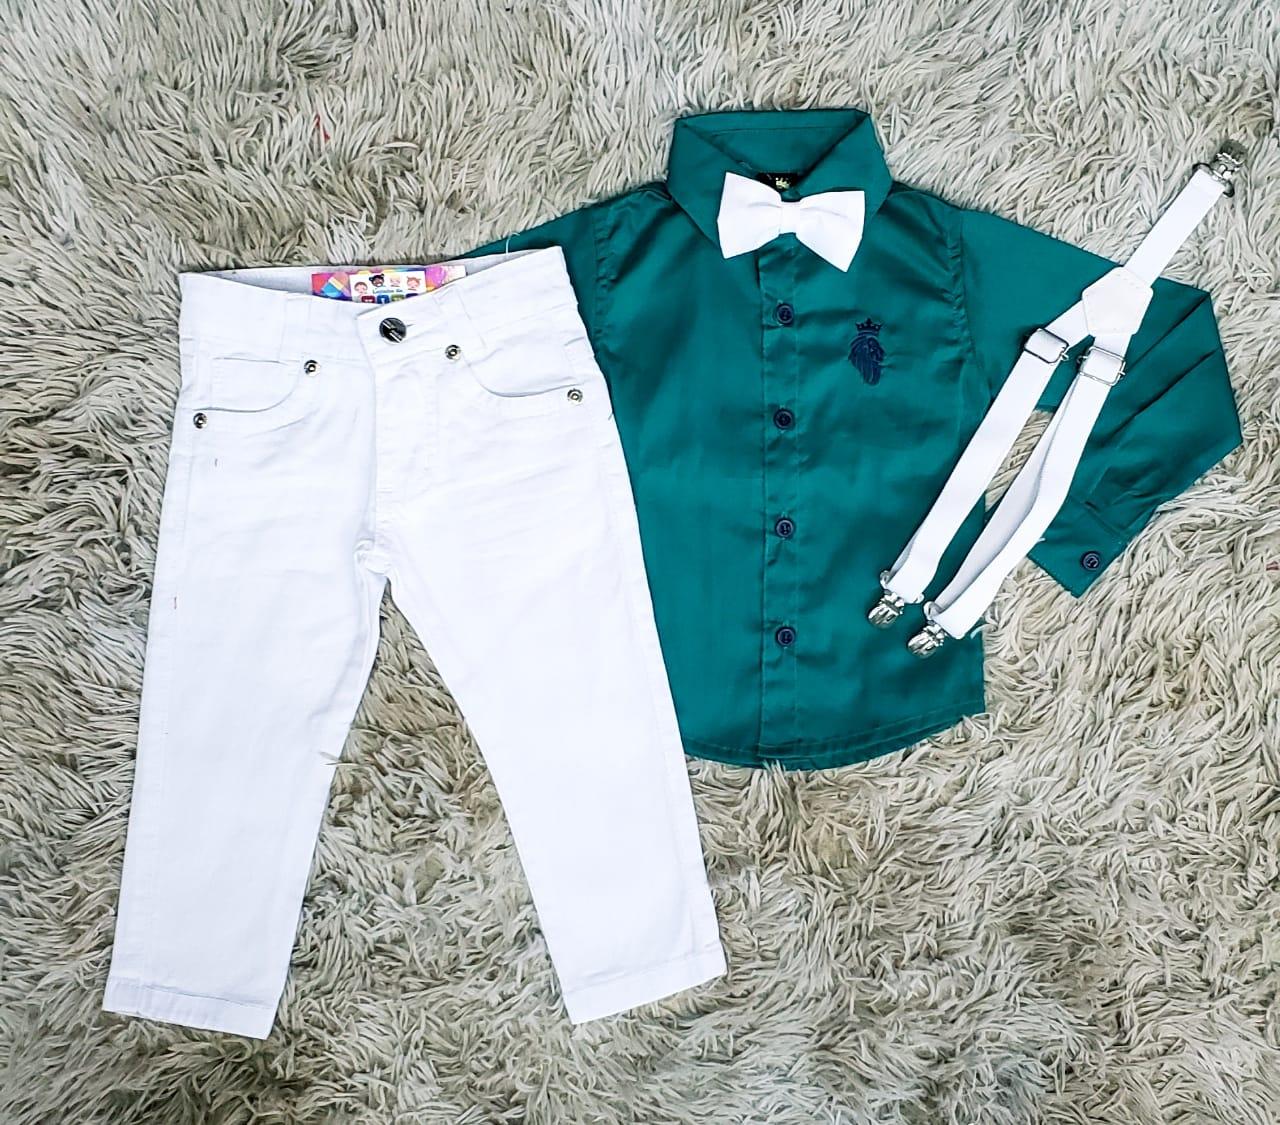 Calça Branca com Suspensório e Camisa Manga Longa Verde com Gravata